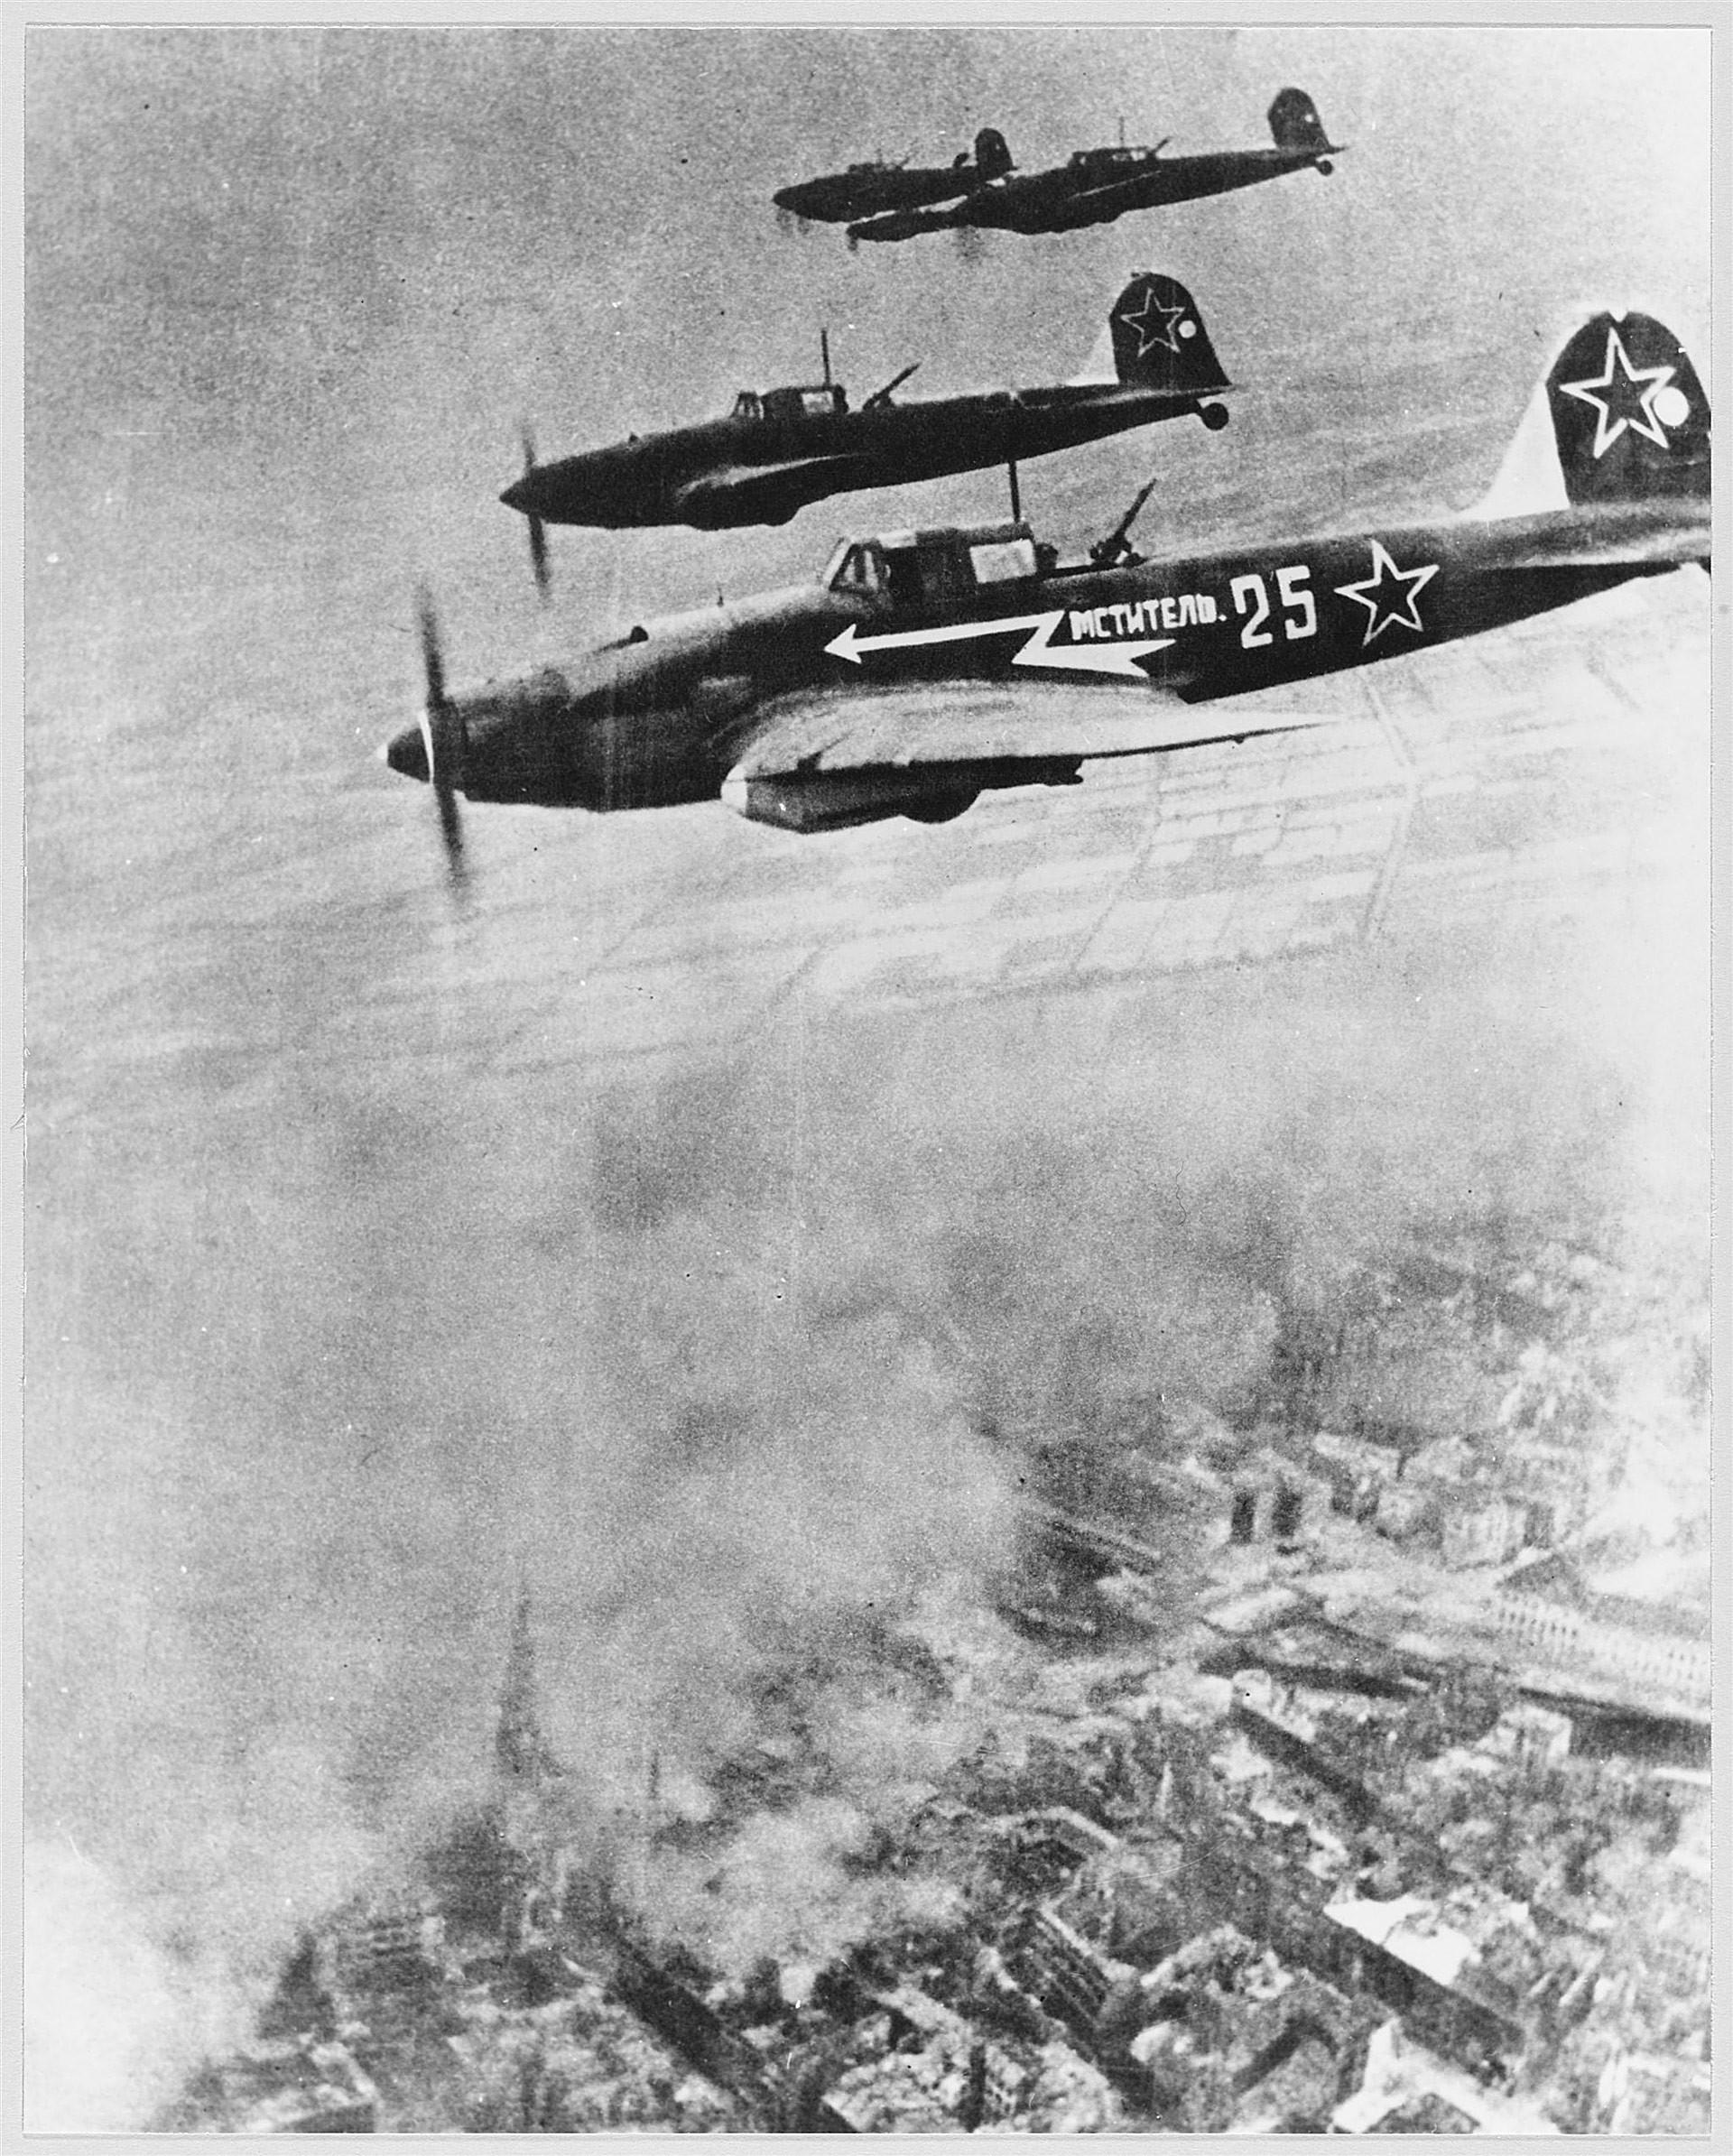 """Јуришни авион """"Иљушин"""" Ил-2 изнад Берлина. 1945."""